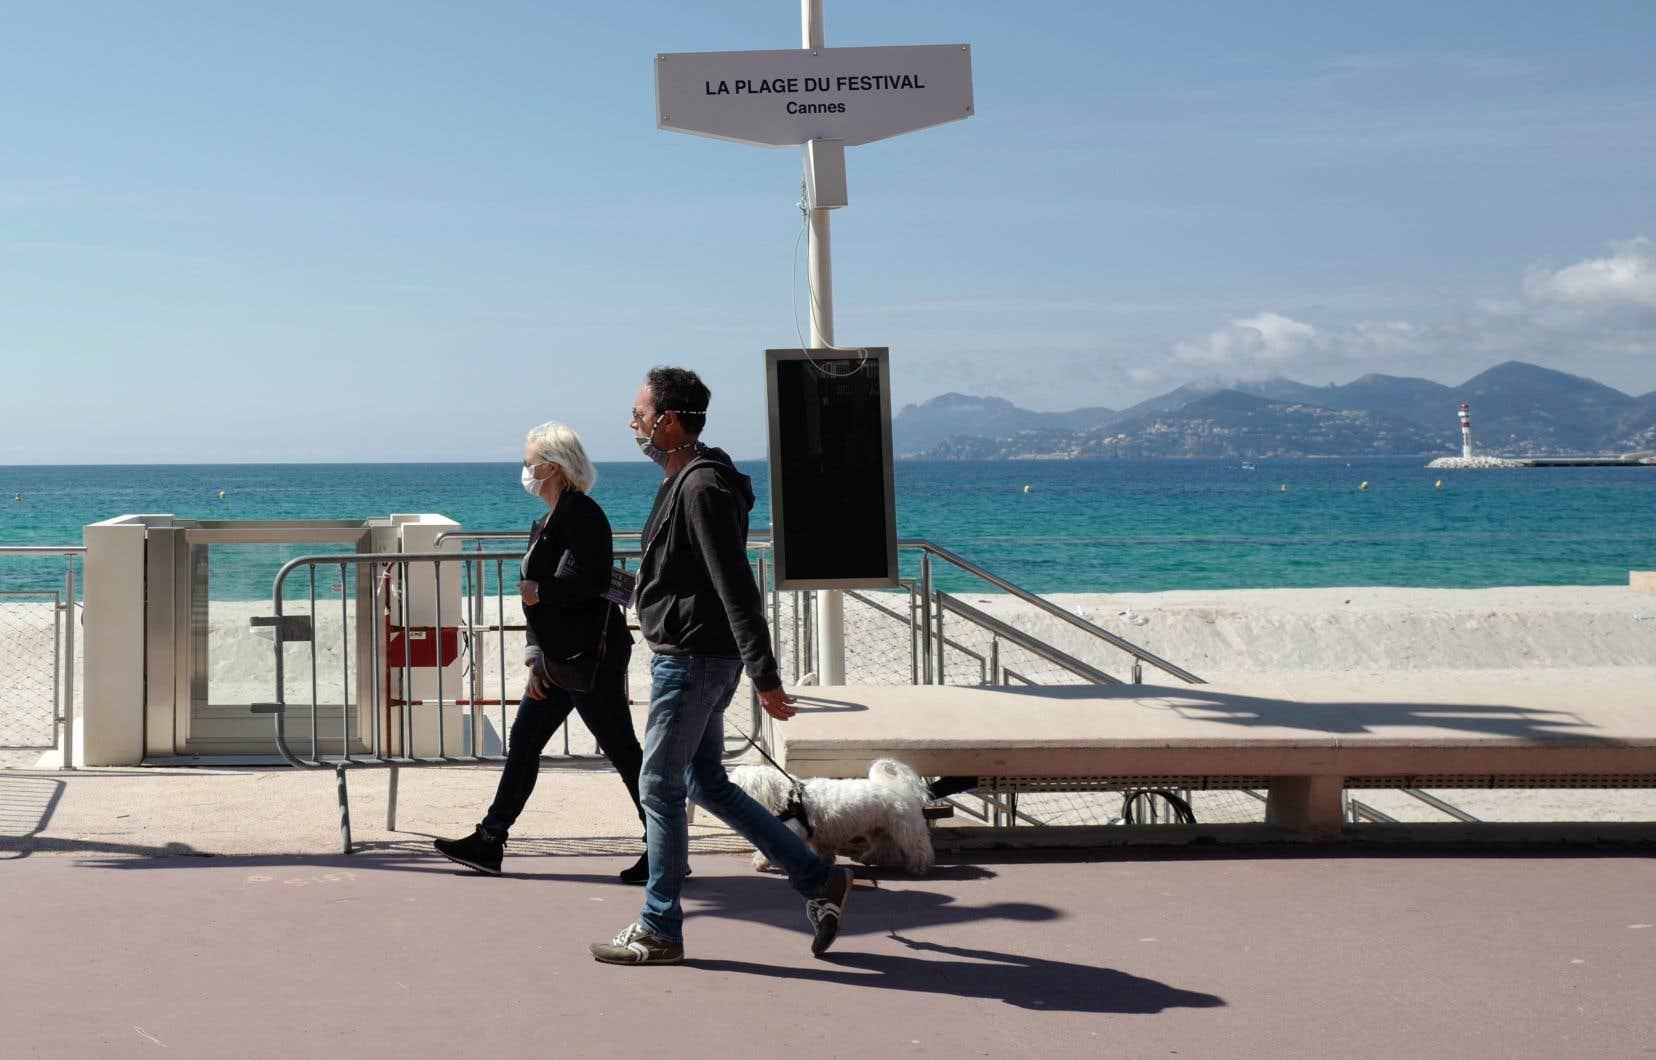 Alors que l'industrie du cinéma est en plein marasme, beaucoup espèrent que la tenue de cette édition symbolique du Festival de Cannes convaincra les producteurs de ne pas reporter la sortie en salle de leurs films.